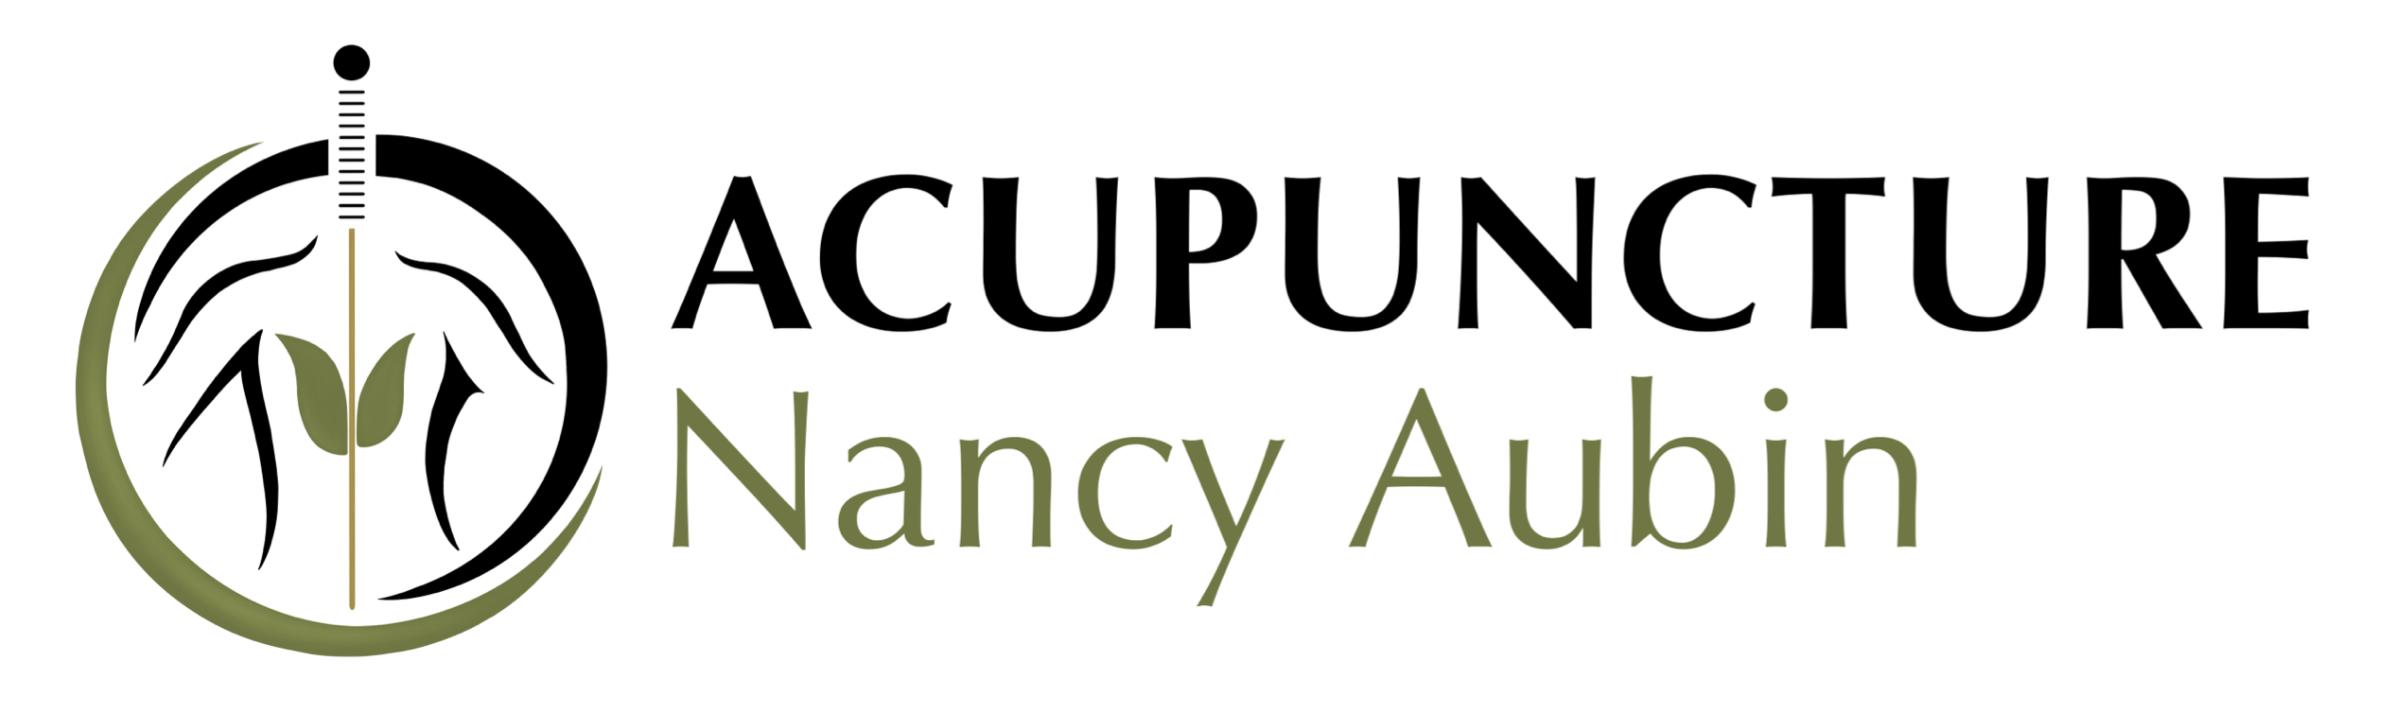 Acupuncture Nancy Aubin